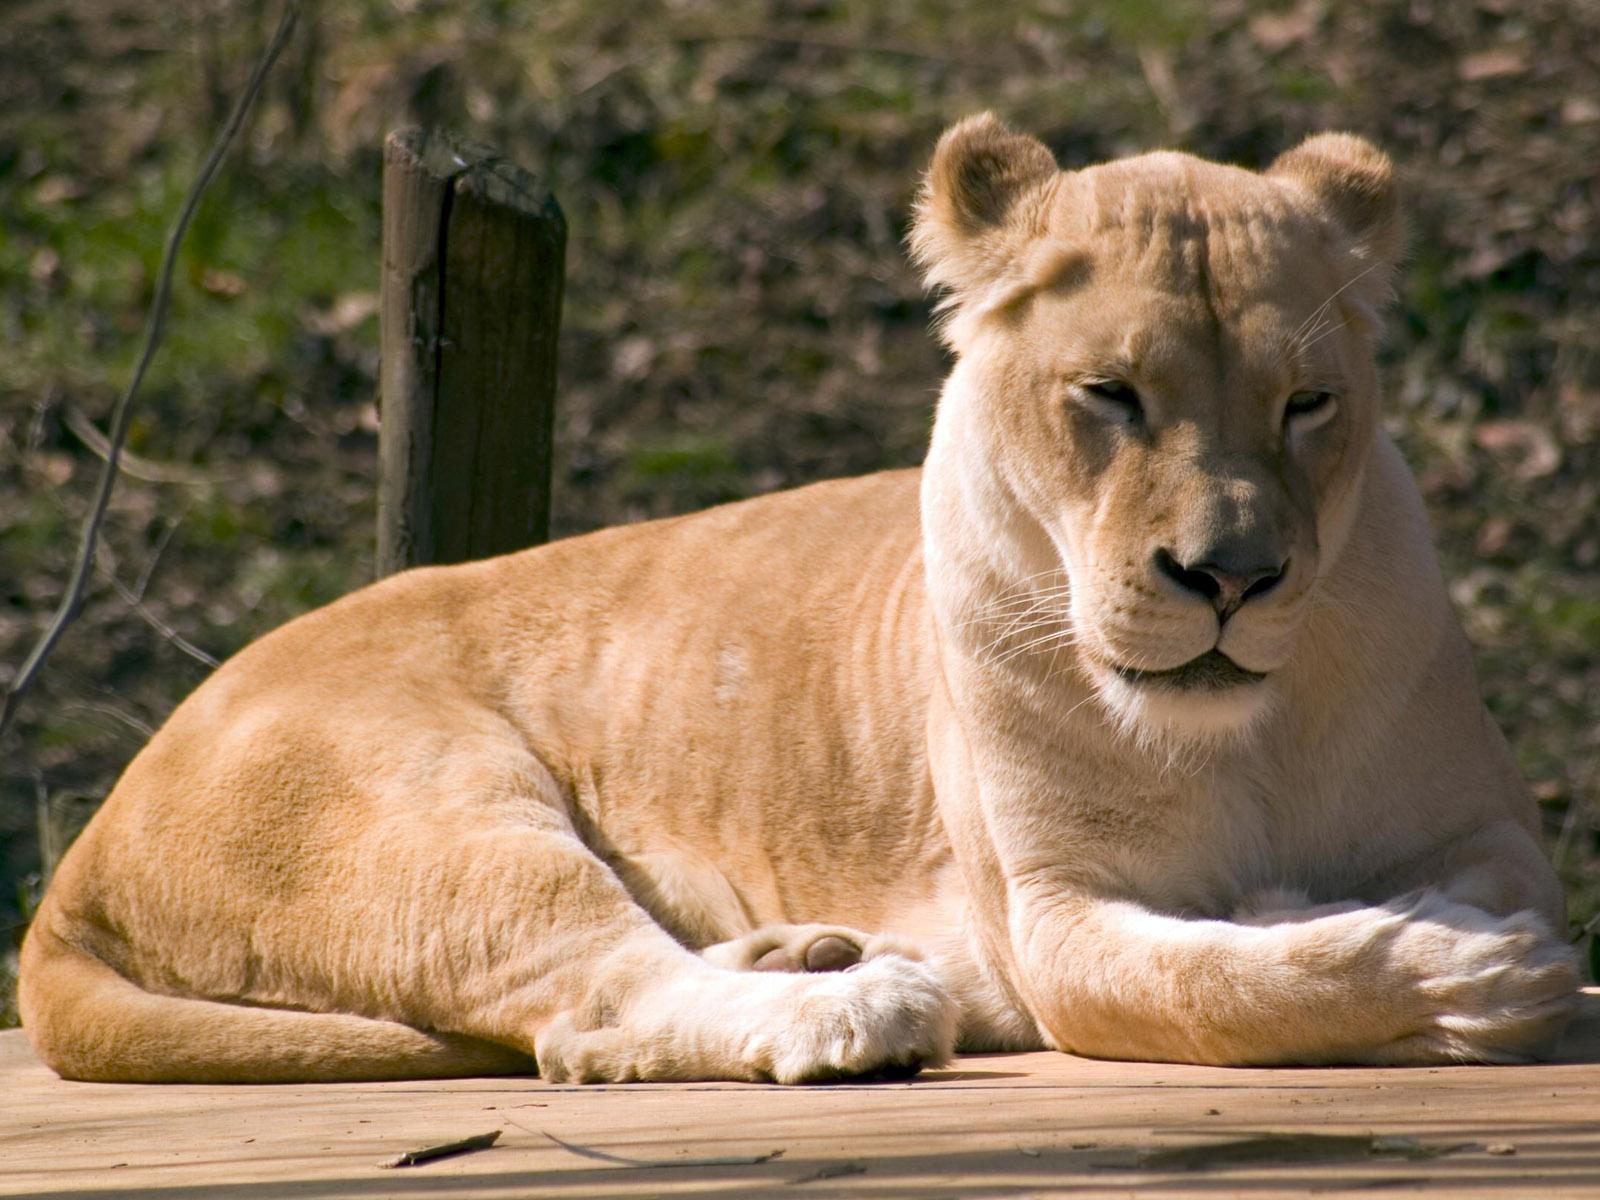 http://3.bp.blogspot.com/--N_aTnivNp8/UFbpiyOtGoI/AAAAAAAAFIA/WARwxYlbfDU/s1600/lion%20wallpaper%2039.jpg